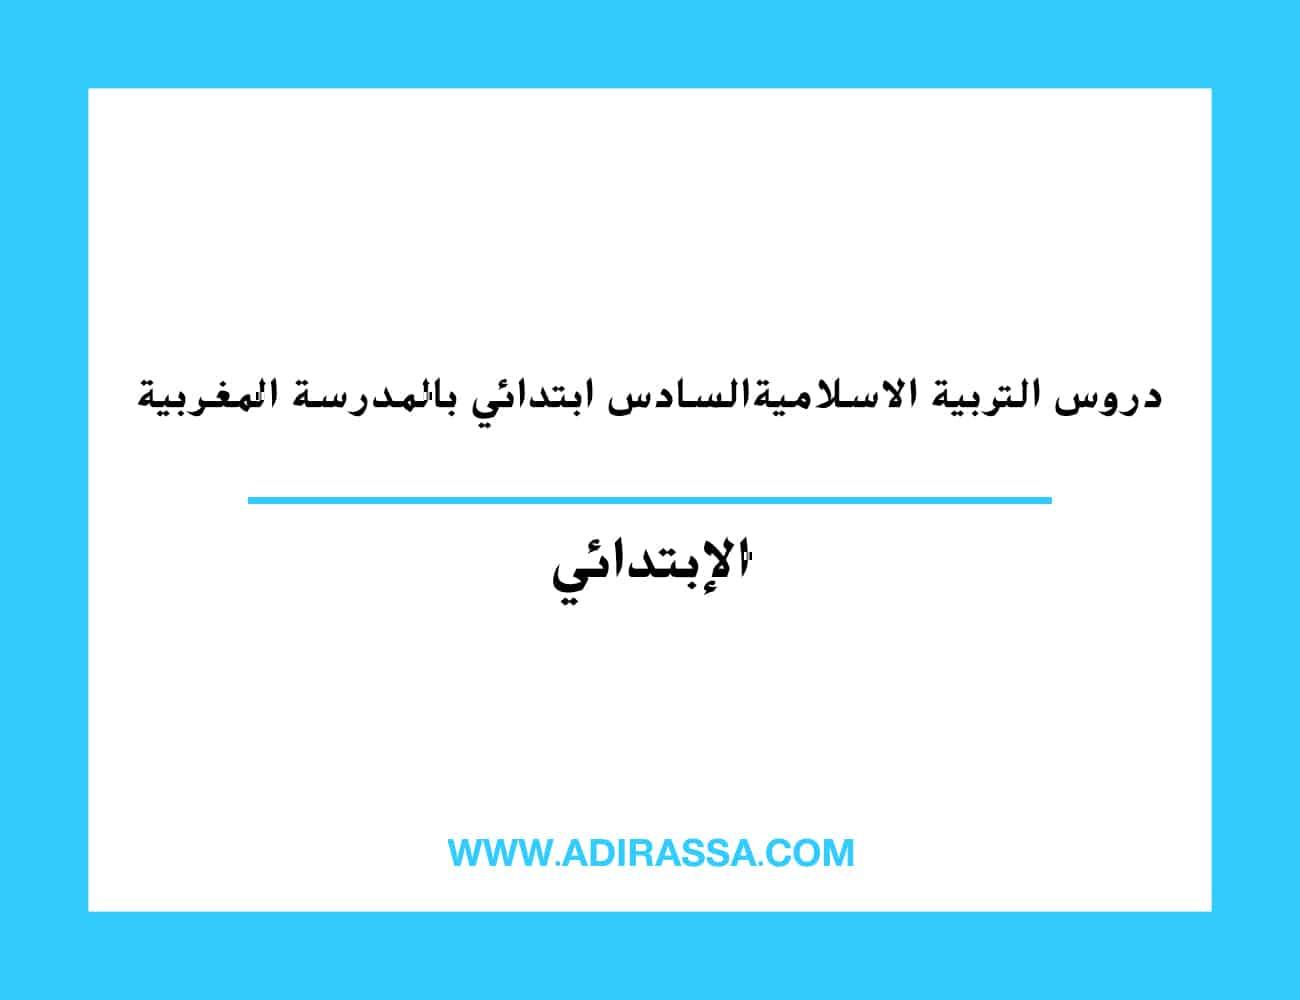 دروس التربية الاسلامية السادس ابتدائي المقررة بالمدرسة المغربية